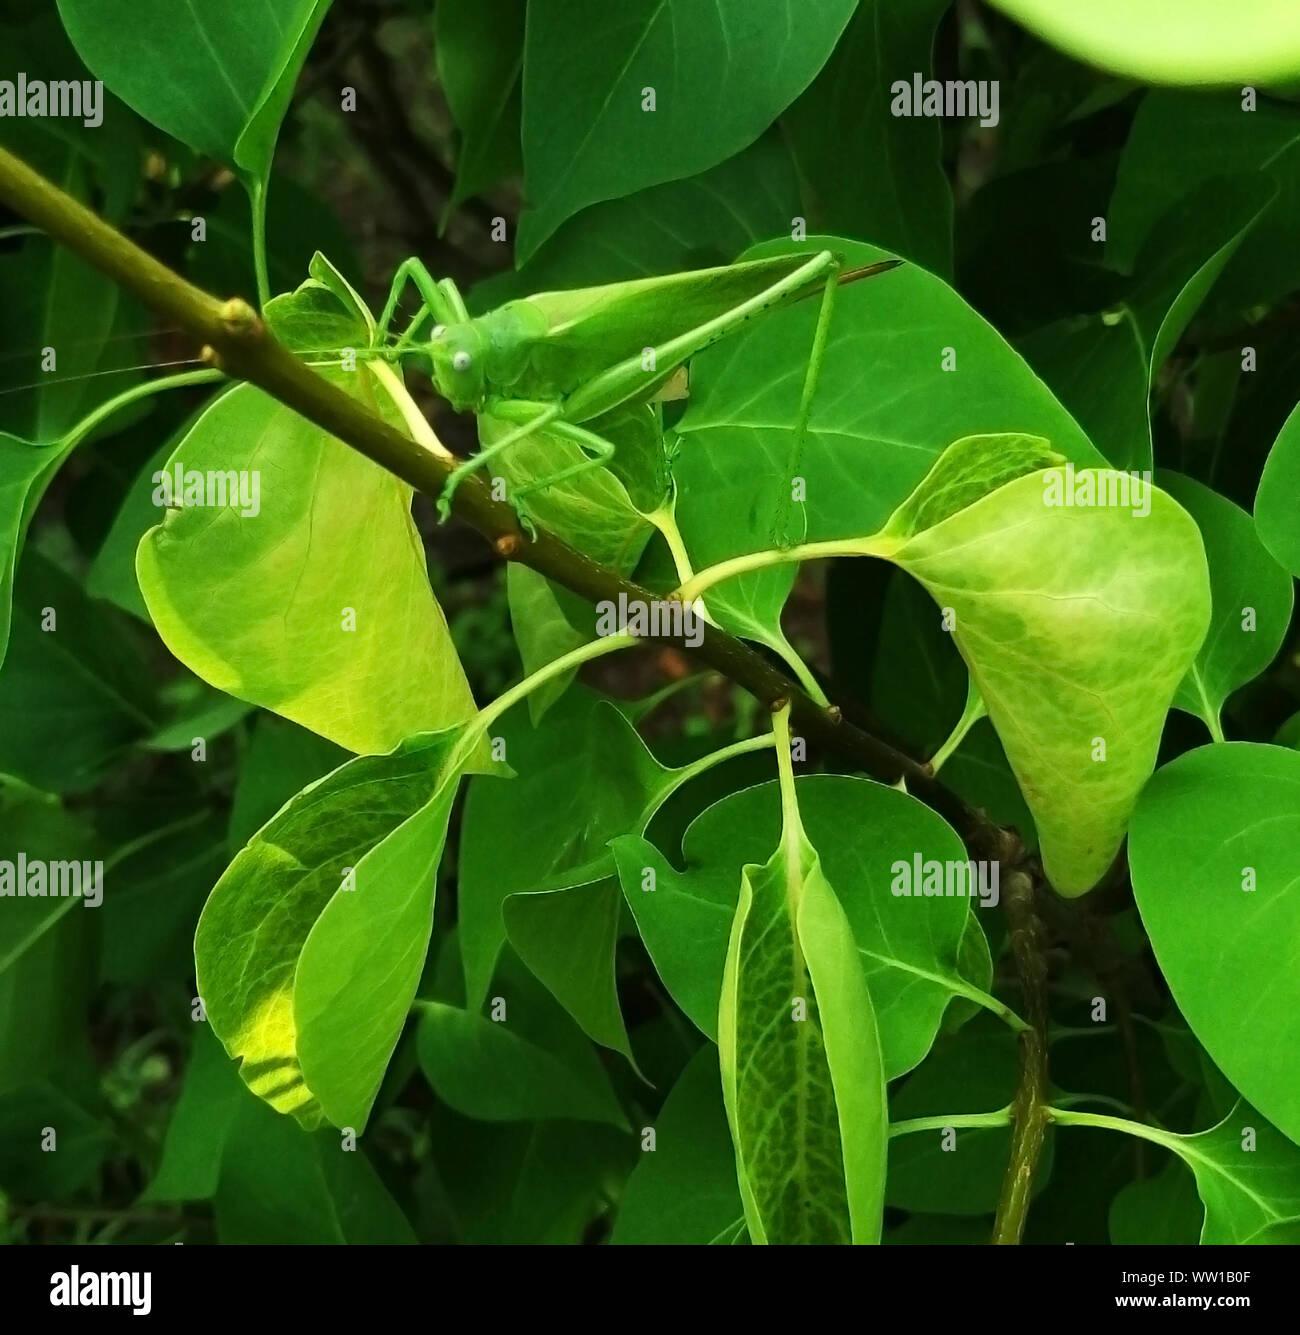 Masquer dans le feuillage vert sur une branche se trouve une grande sauterelle verte Banque D'Images